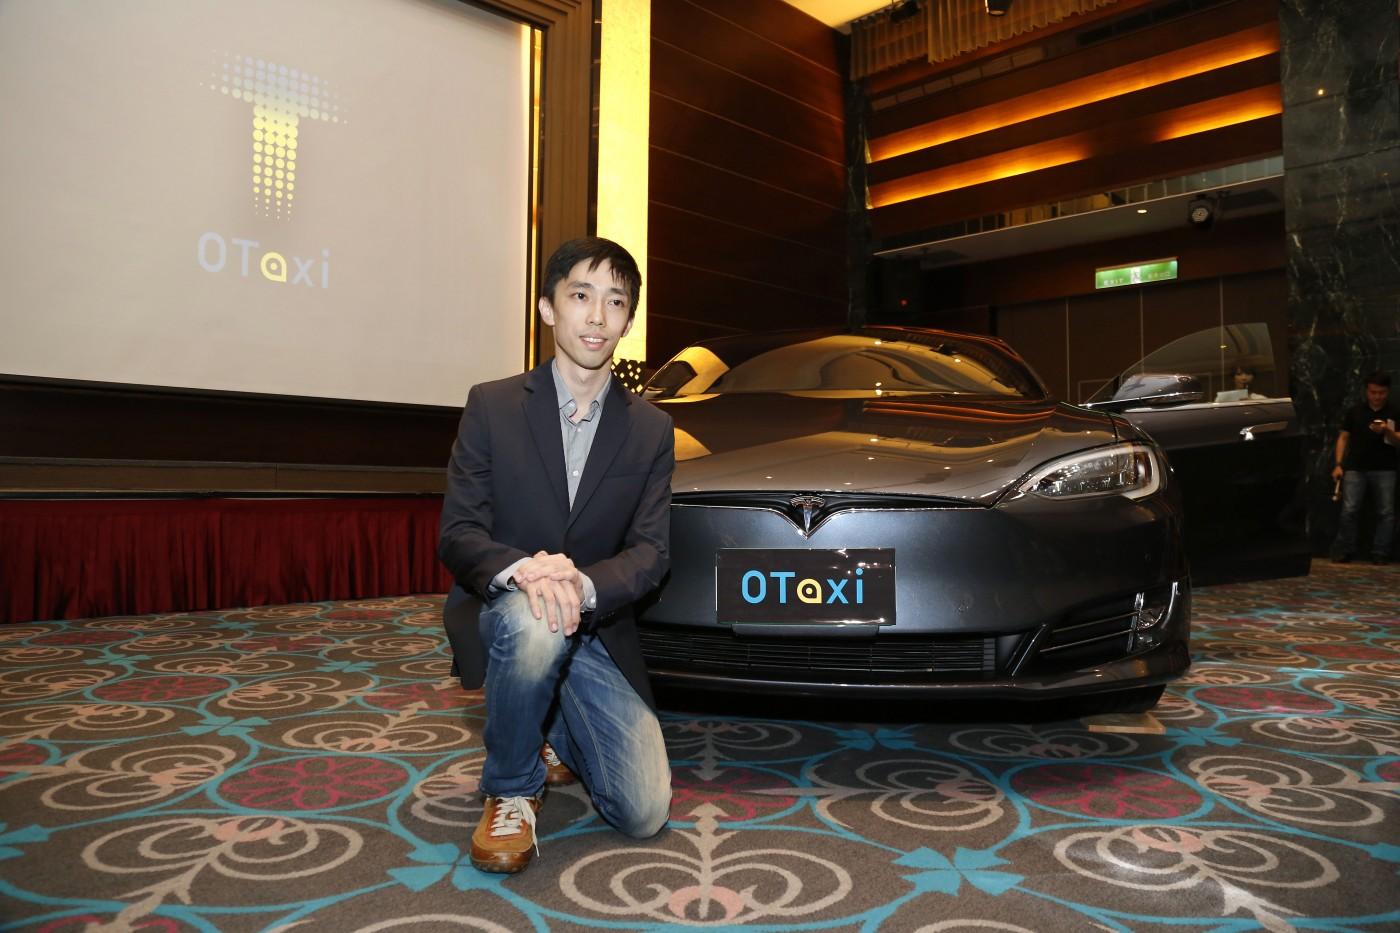 將採會員制搭乘,0Taxi目標先募資1千萬,買20台Tesla組電動計程車隊